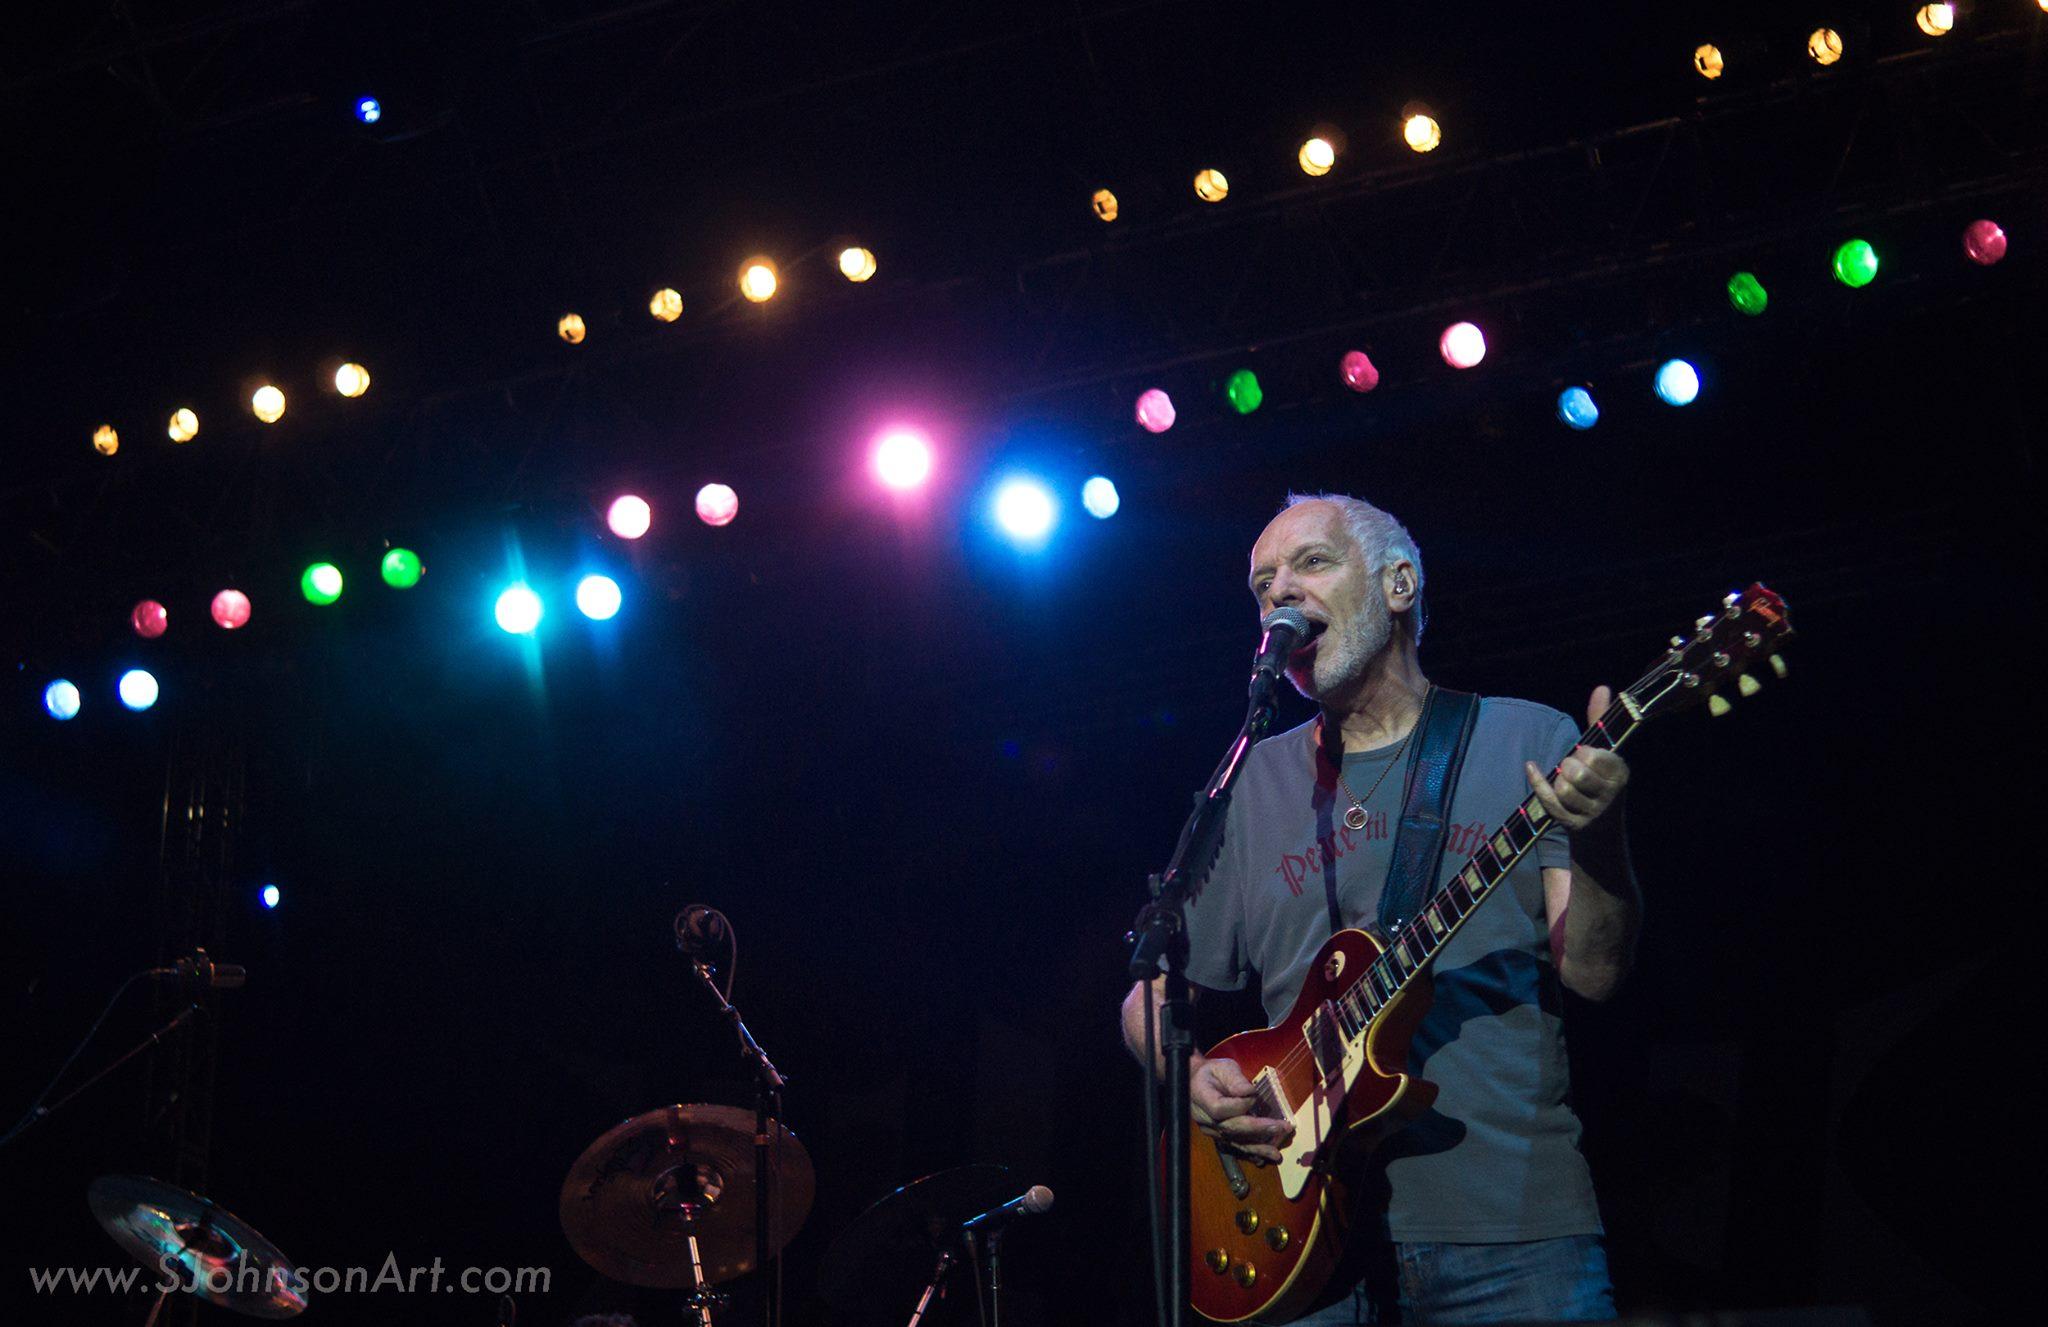 Peter Frampton sings at Wildflower Music Festival in Richardson, TX